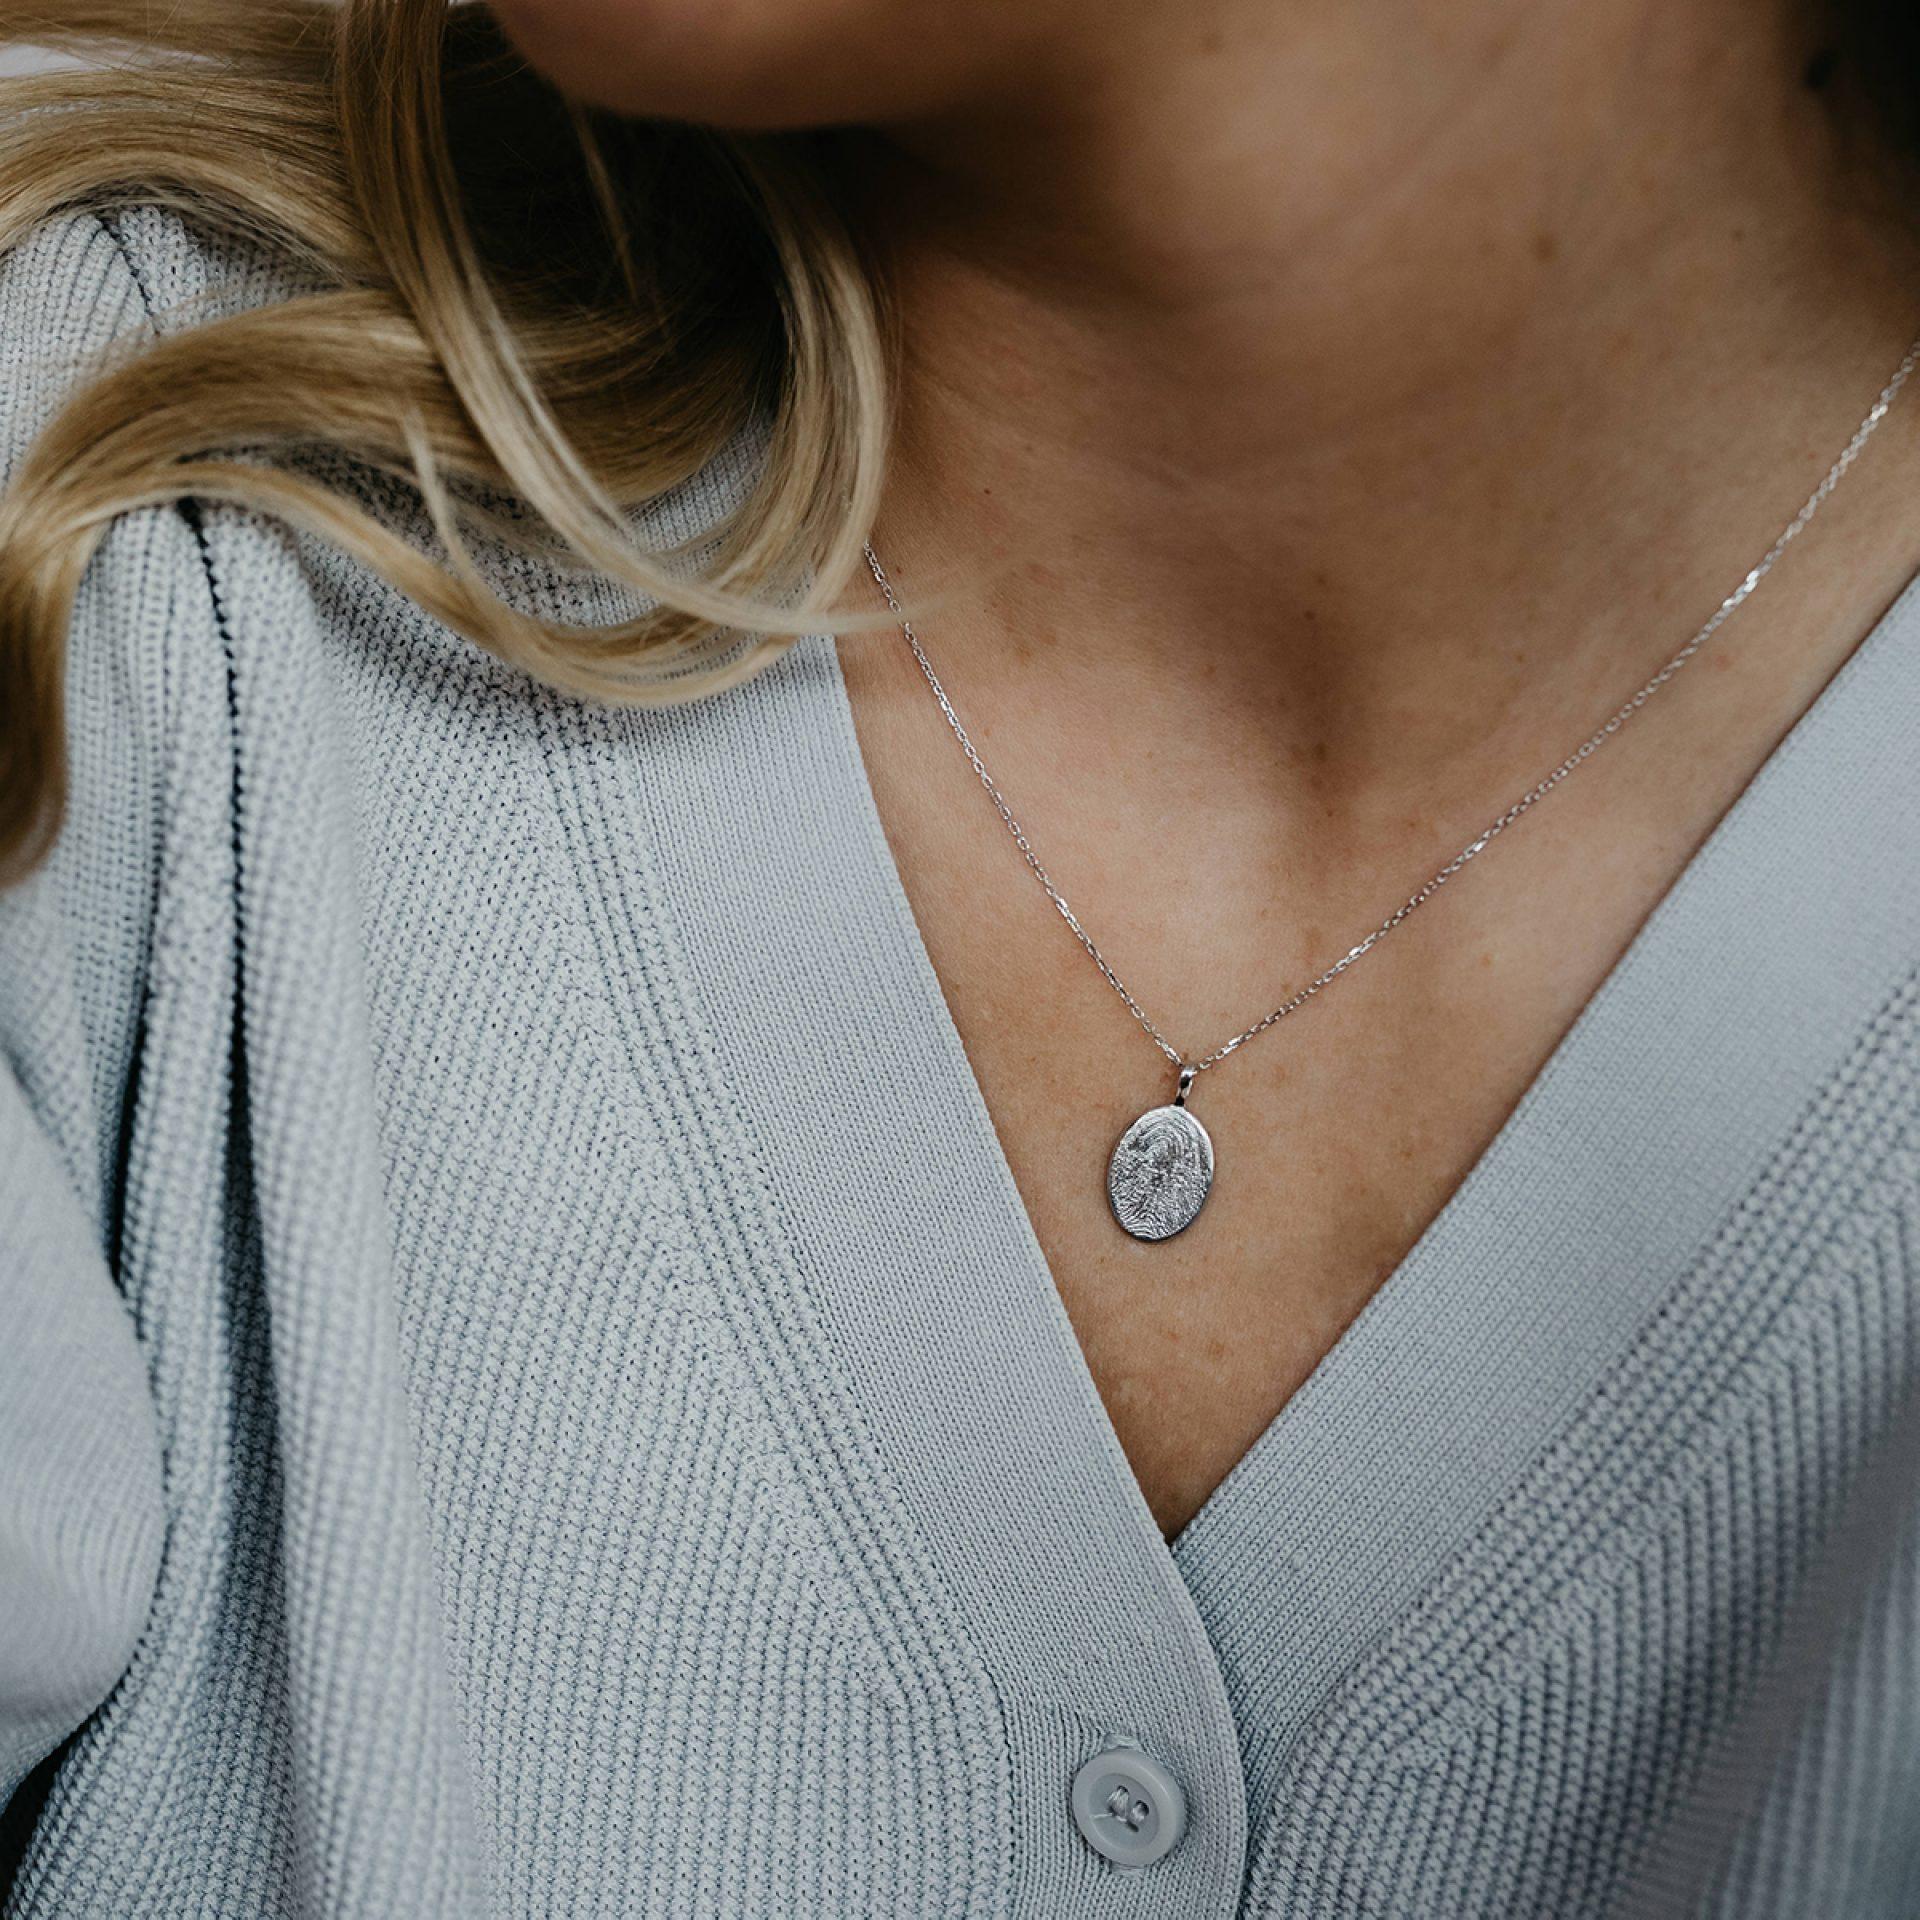 Halskette für Frau in Weissgold mit Fingerabdruck